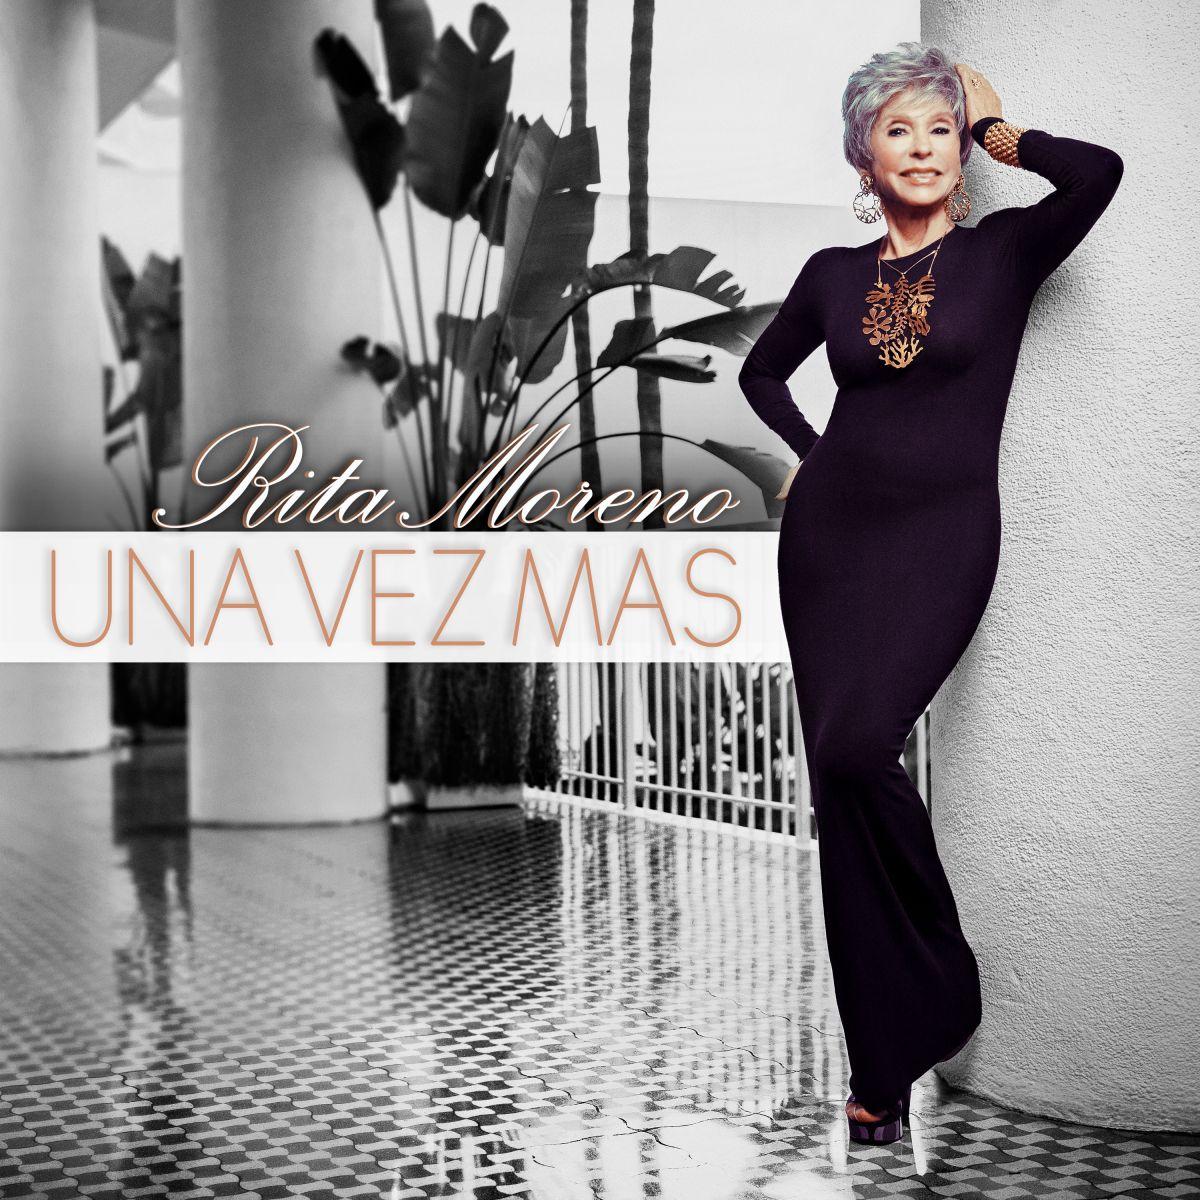 """El álbum arranca con """"Preciosa"""", del maestro Rafael Hernández, canción dedicada a Puerto Rico."""